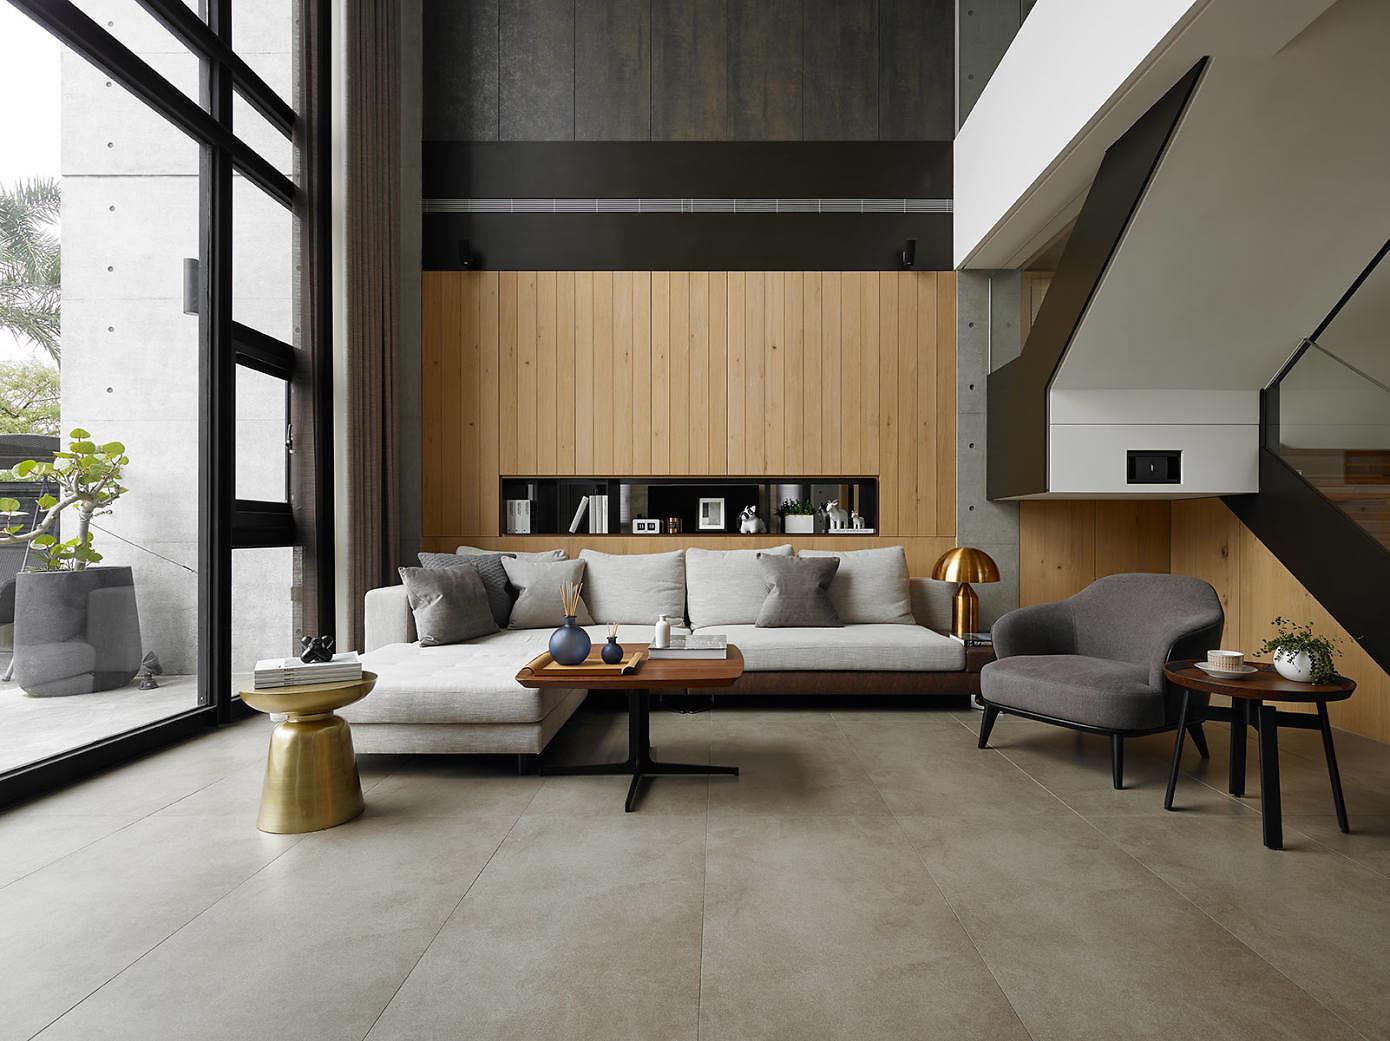 homeadore.com - | Grateful House by Shaun Tang Interior Design